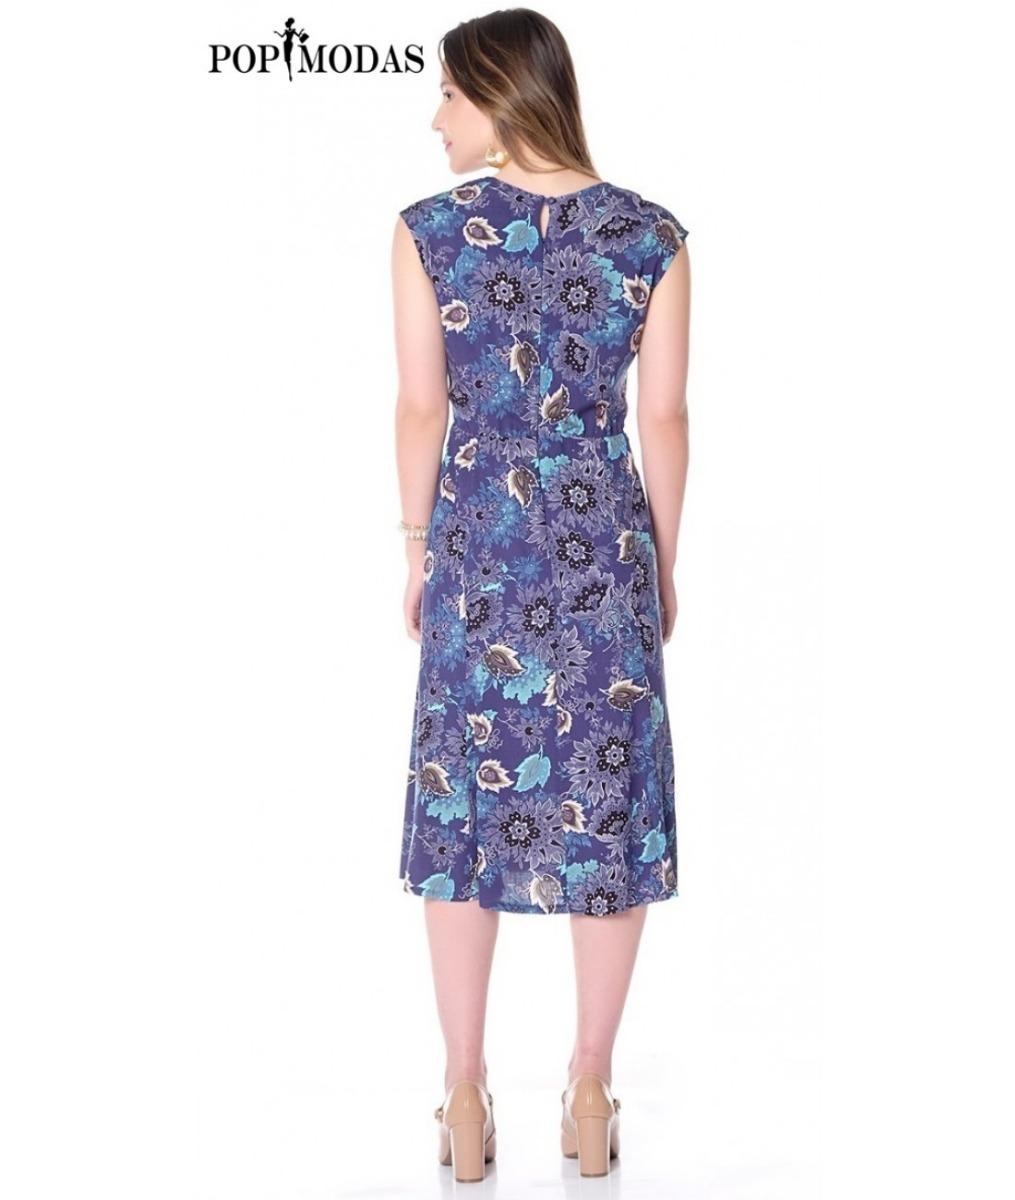 379d3cbc0 vestido evasê midi social moda evangélica casual tamanho p. Carregando zoom.